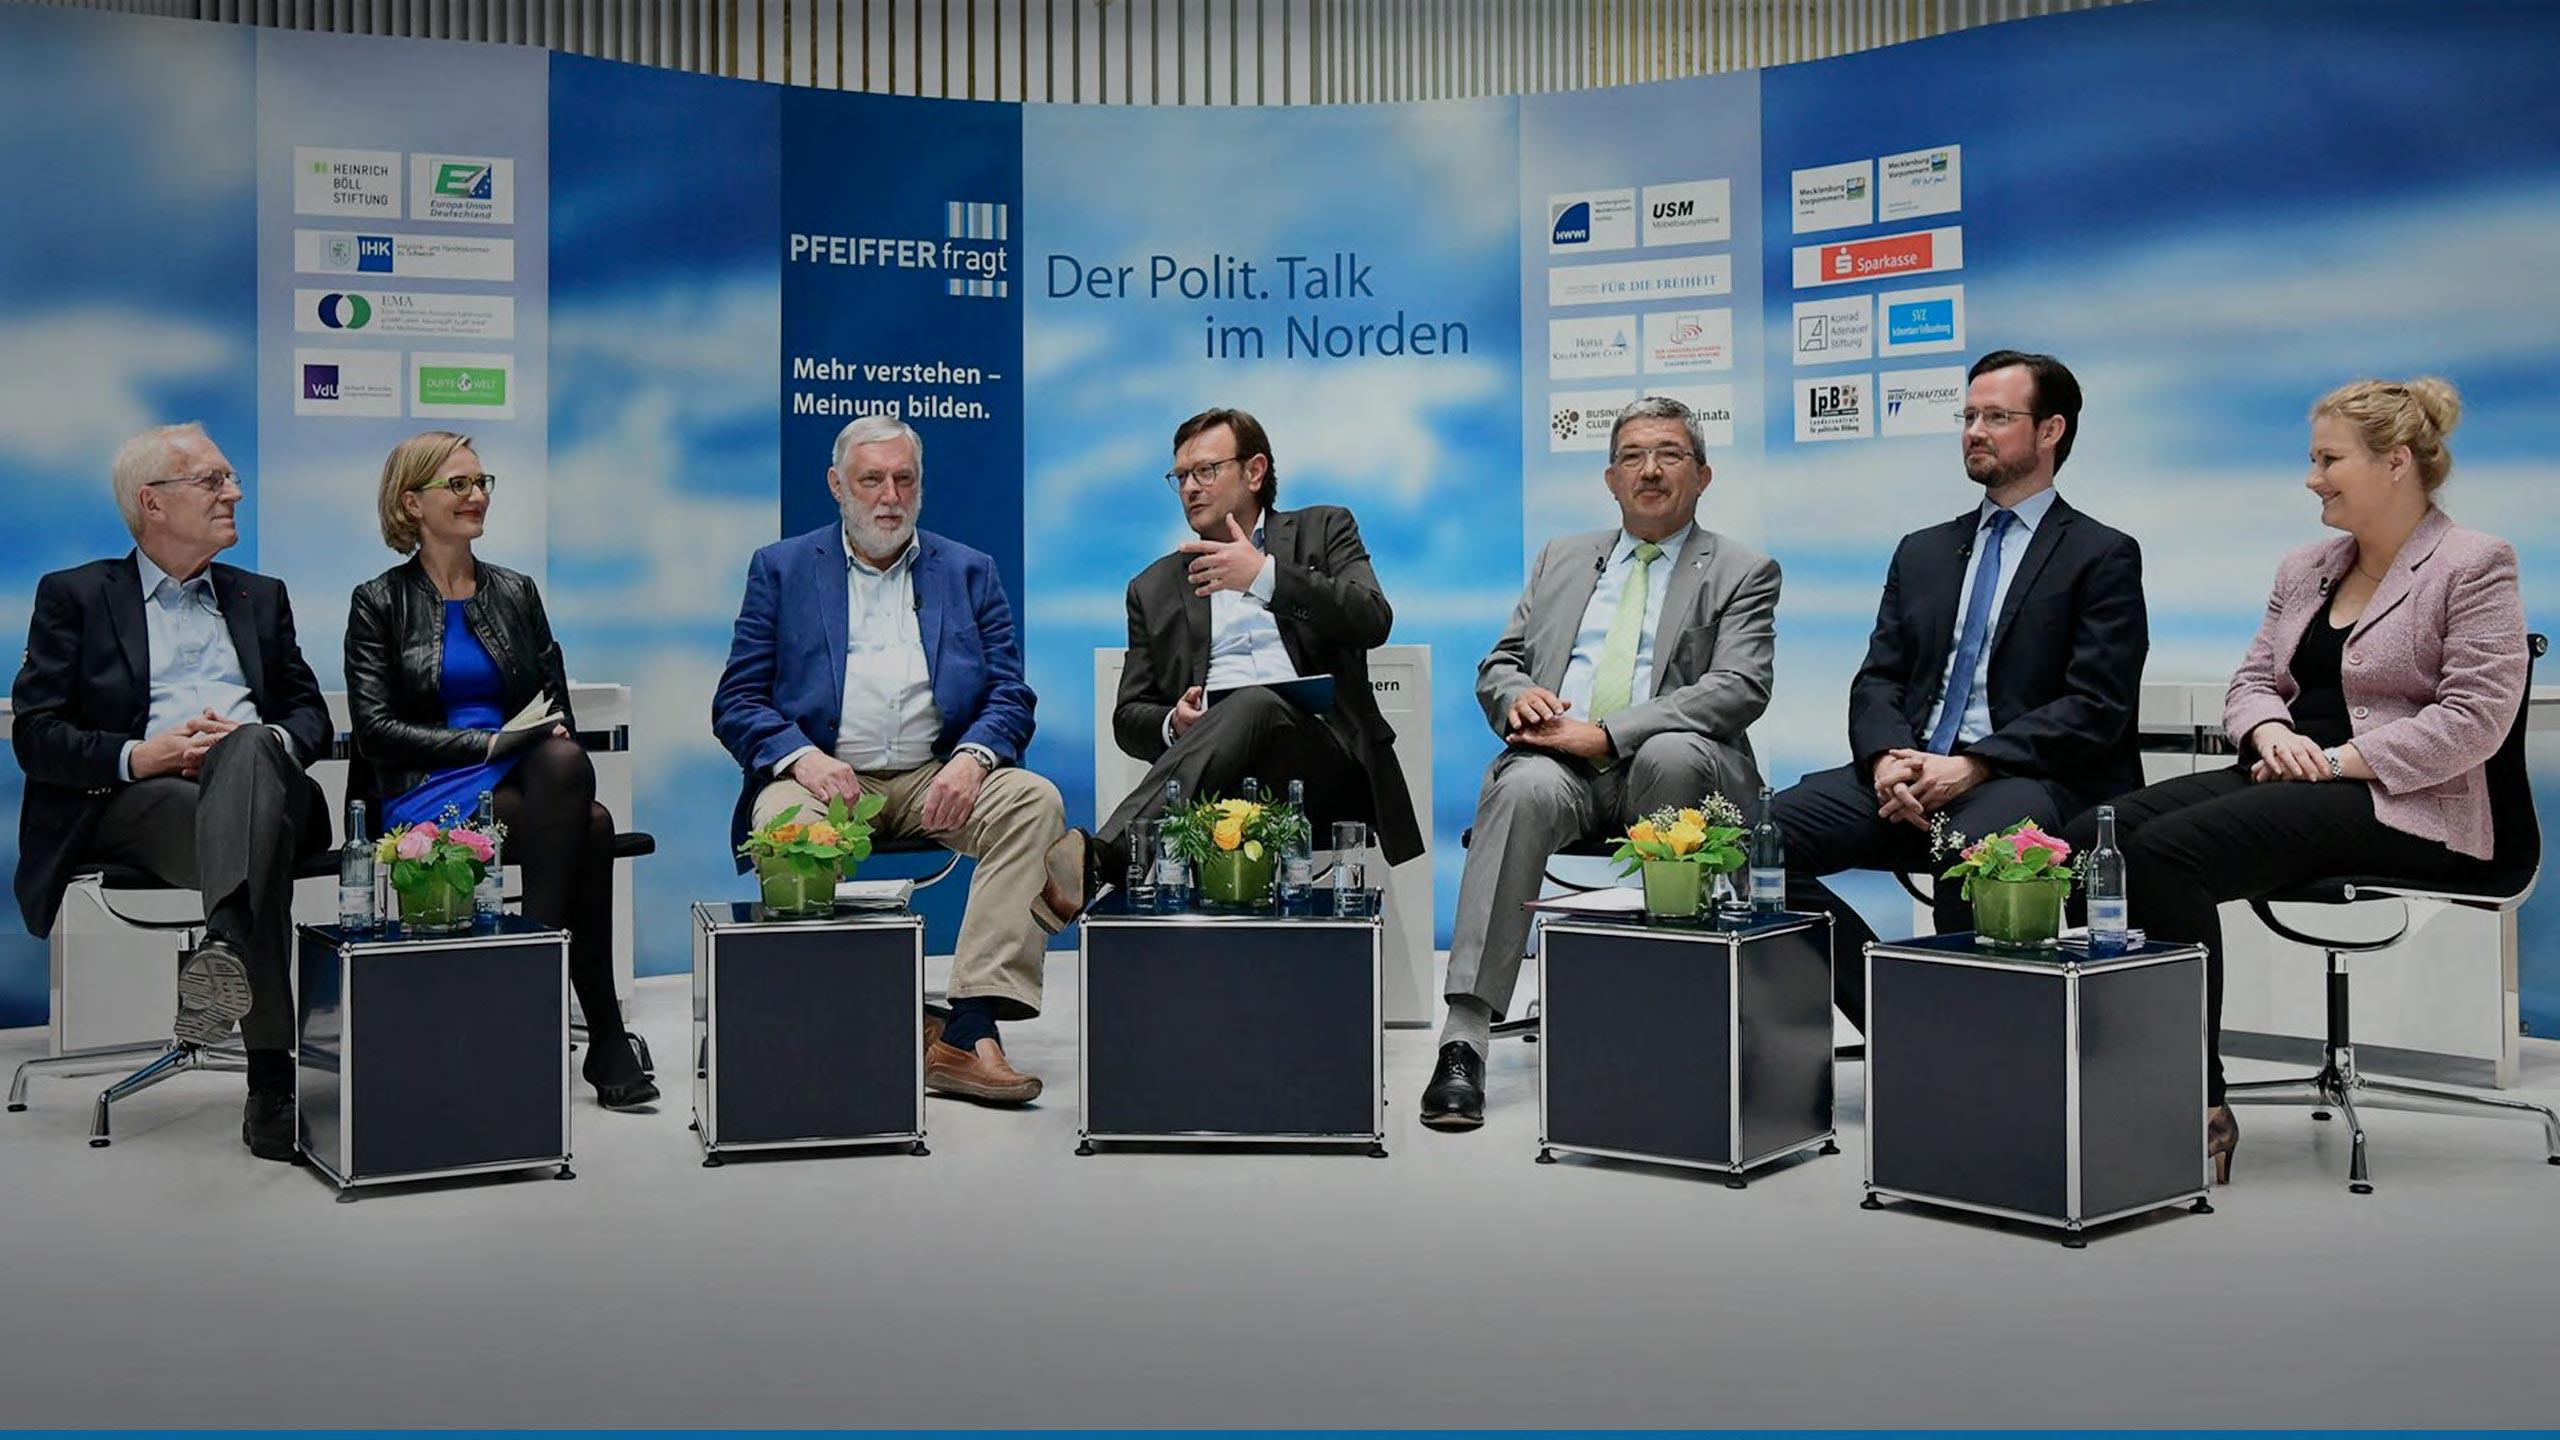 slider-03-der-pfeiffer-moderation-politischer-interviewer